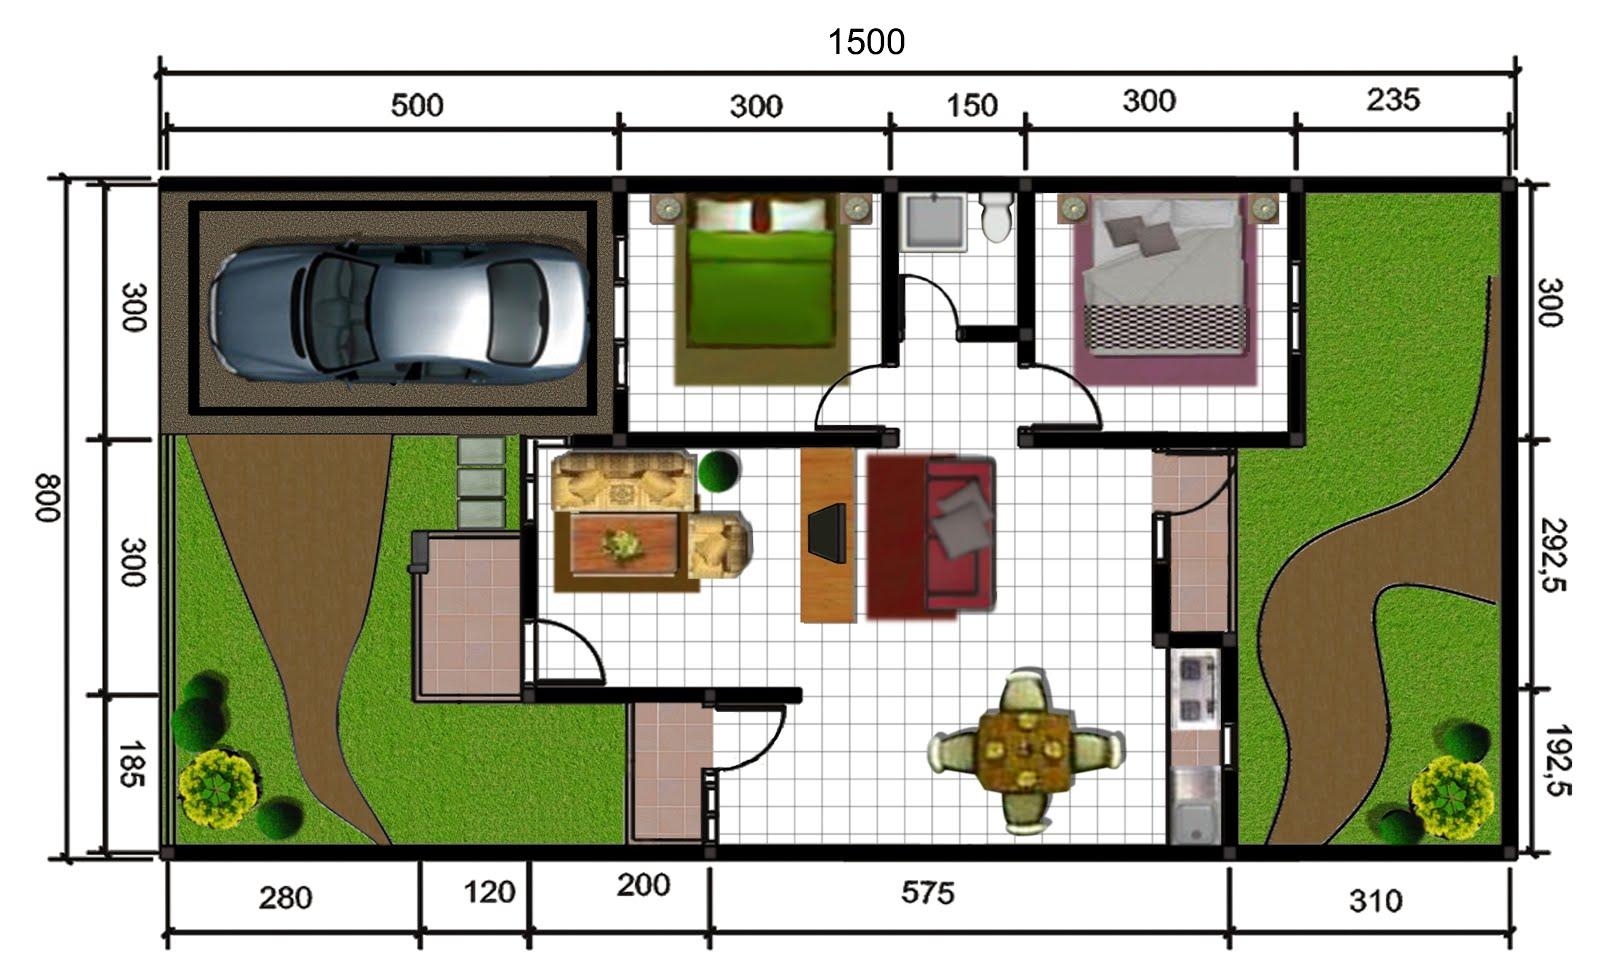 Denah Rumah Dengan Tanah Melebar Ukuran 15 X 8 REFERENSI RUMAH